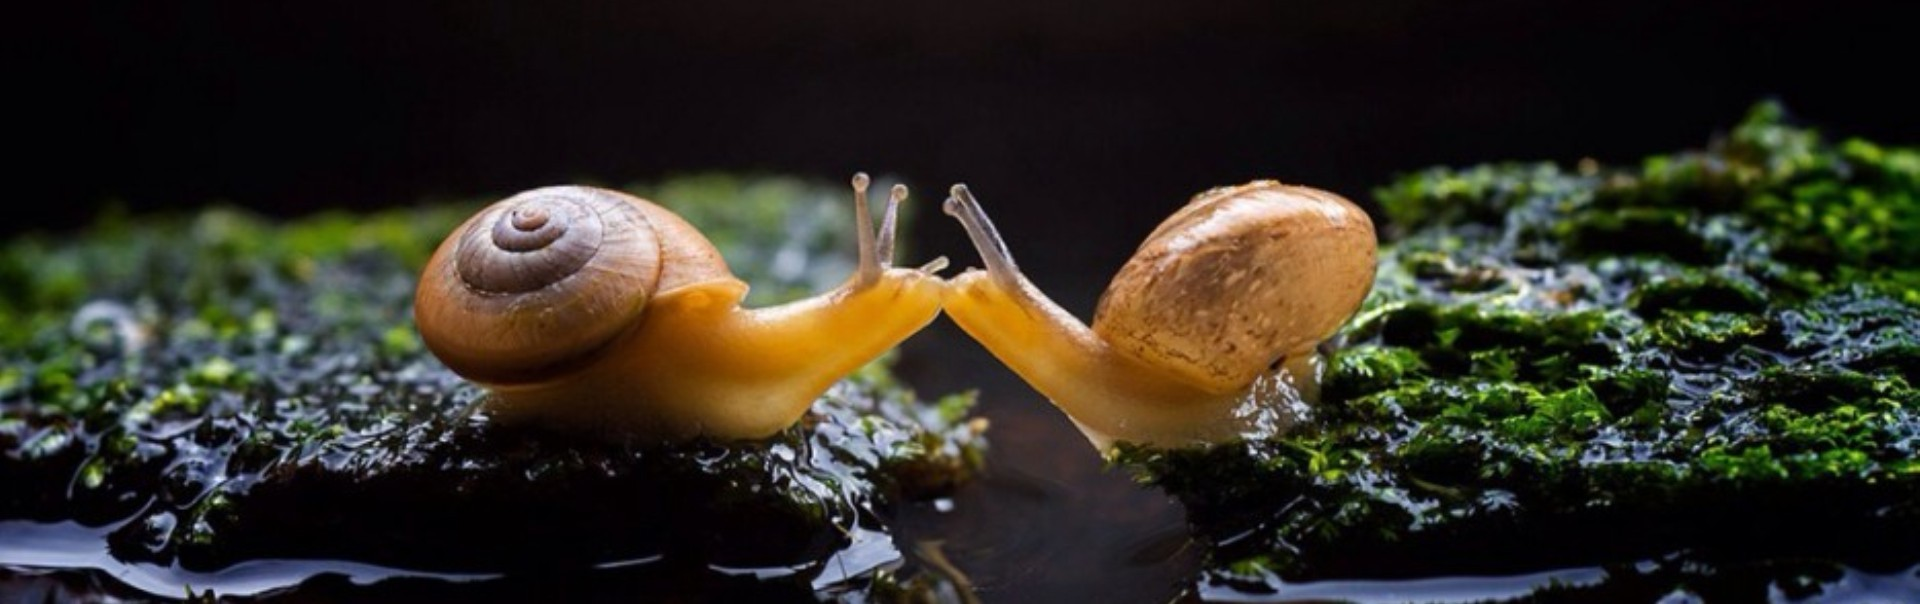 Dragostea pluteşte în aer - cele mai dulci sărutări ale animalelor - Galerie Foto